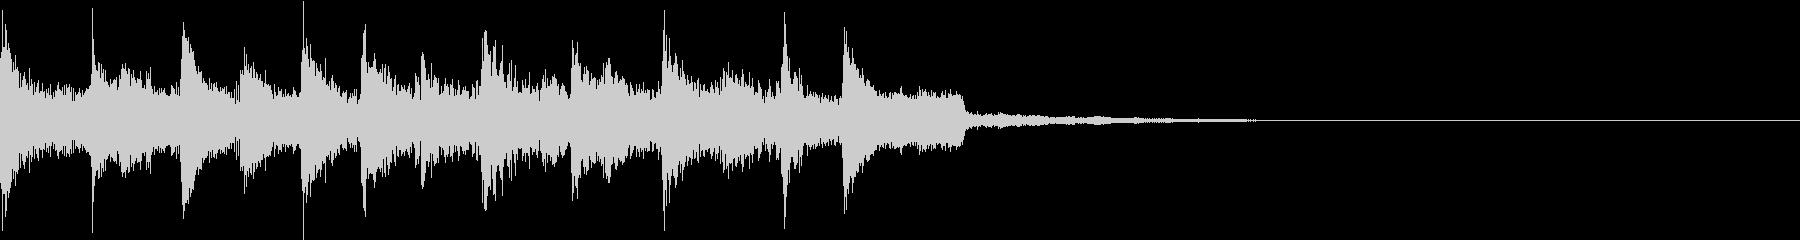 コミカルなエレクトロニカジングルの未再生の波形